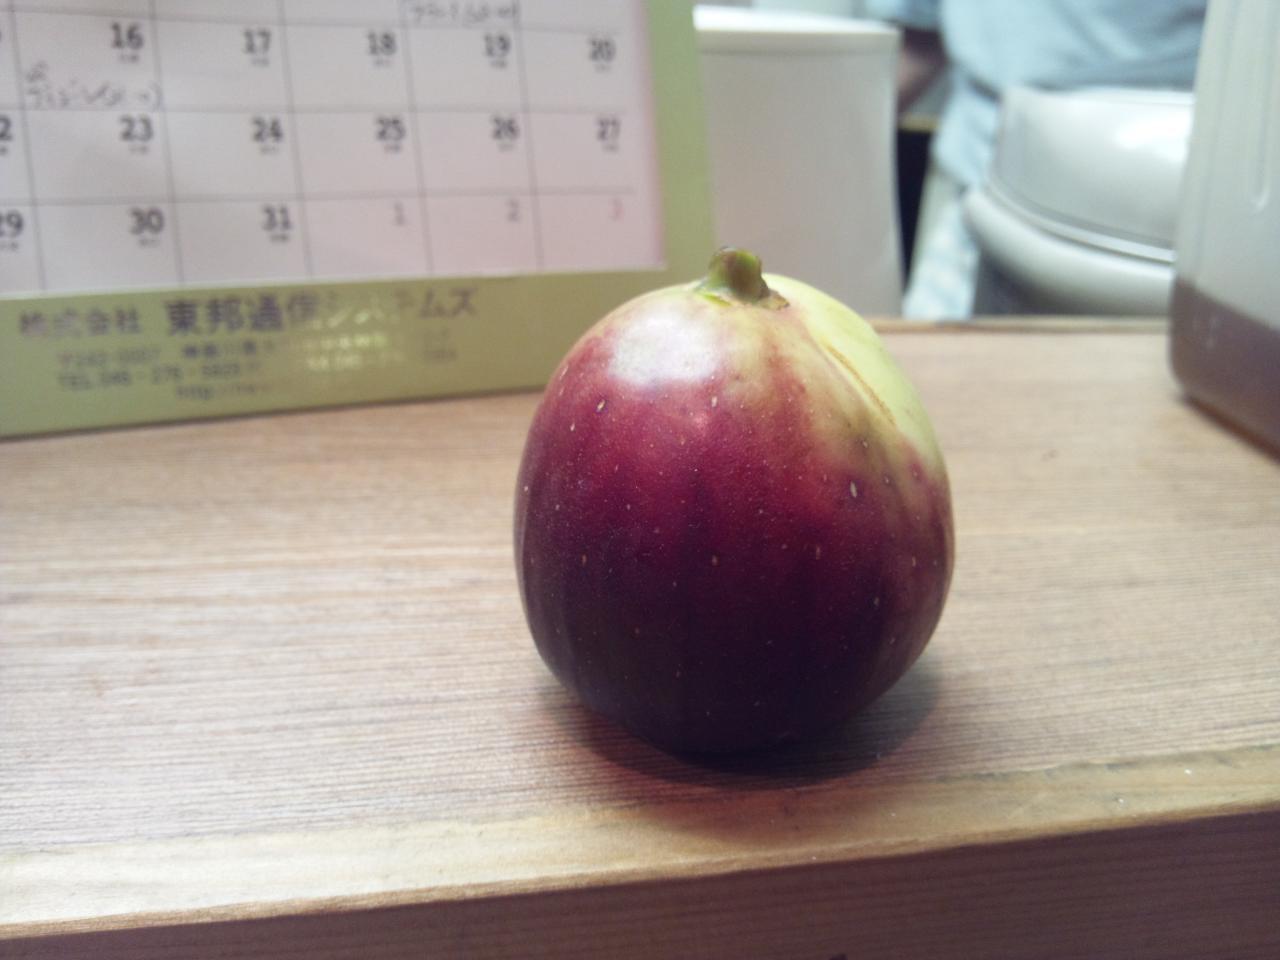 えぞや六角橋店(いちじく)